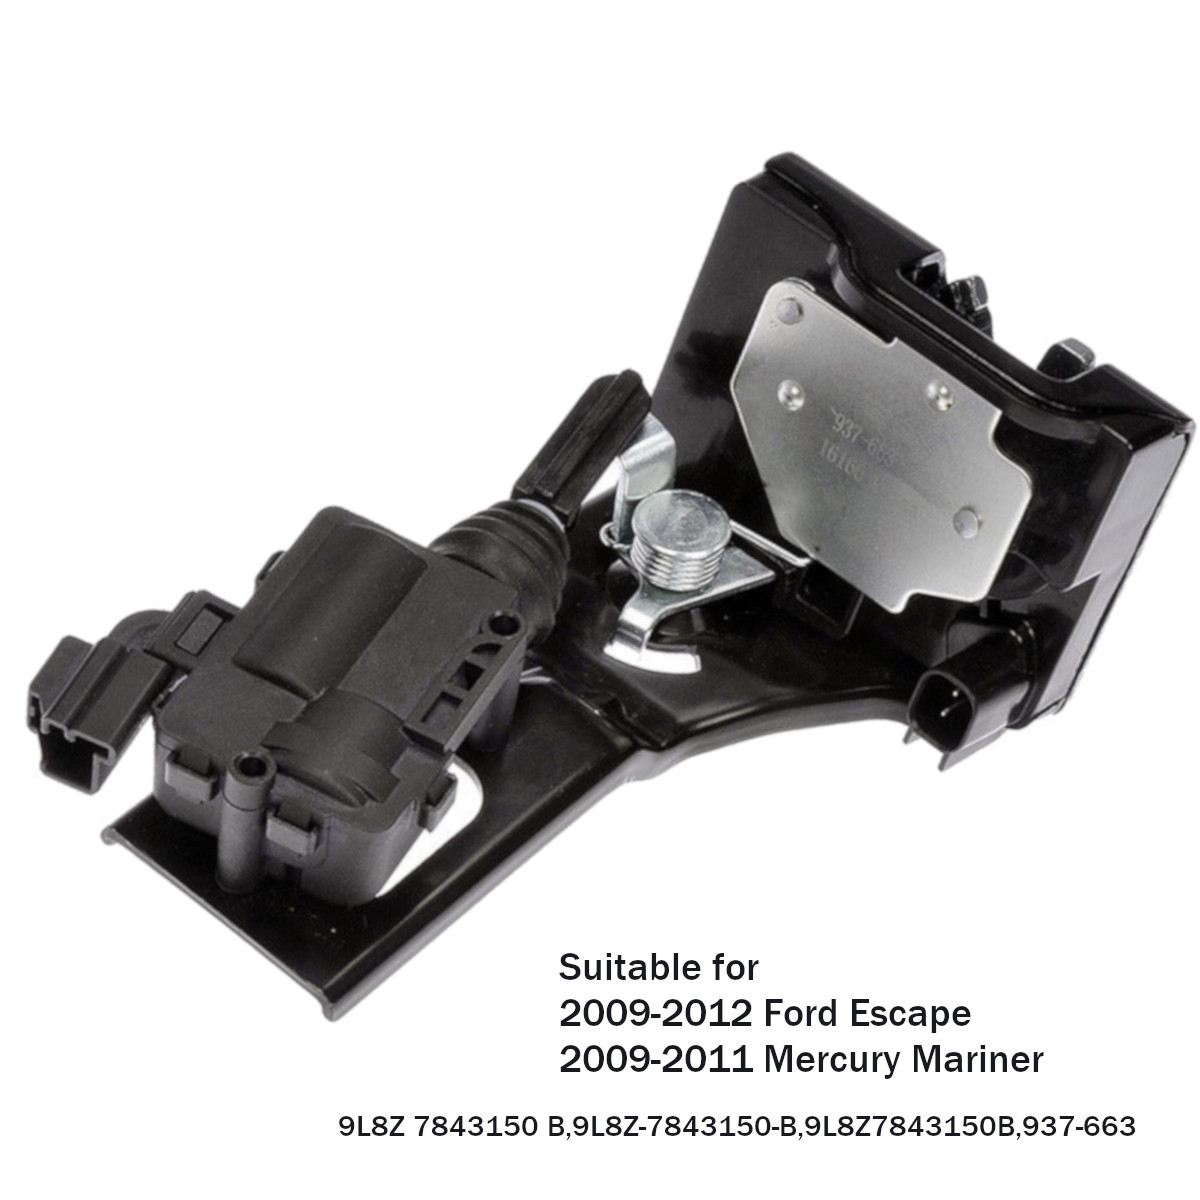 Багажника замки защелки привод для Ford Escape для Mercury Mariner 2009-2012 9L8Z7843150B 9L8Z 7843150 B/937- 663